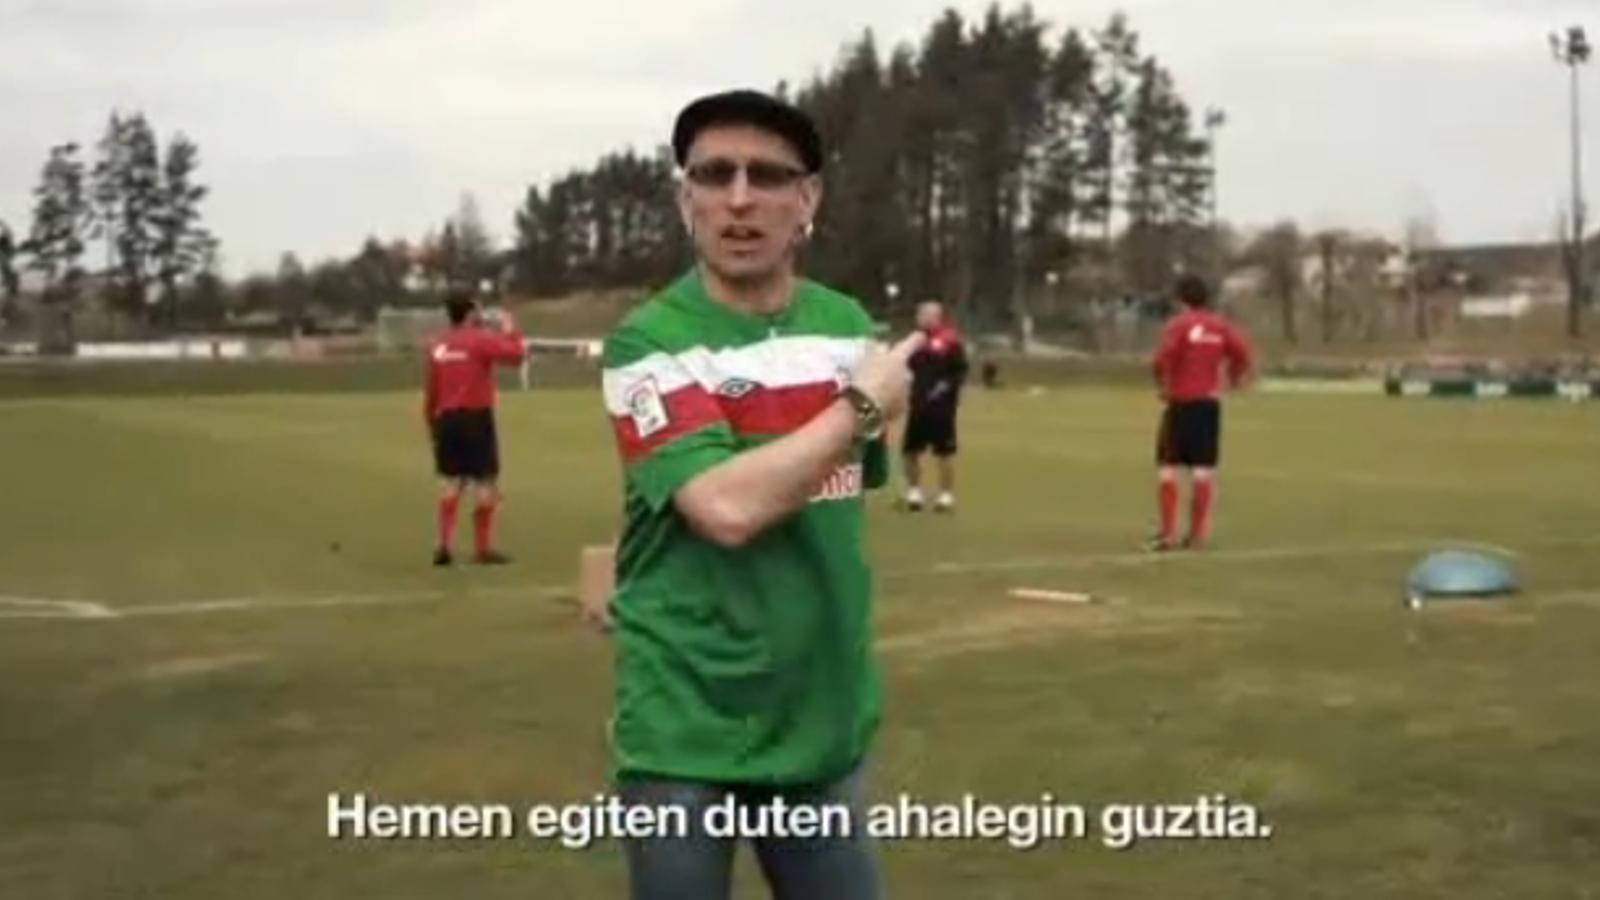 L'Athletic portarà els colors de la bandera basca a la seva segona equipació